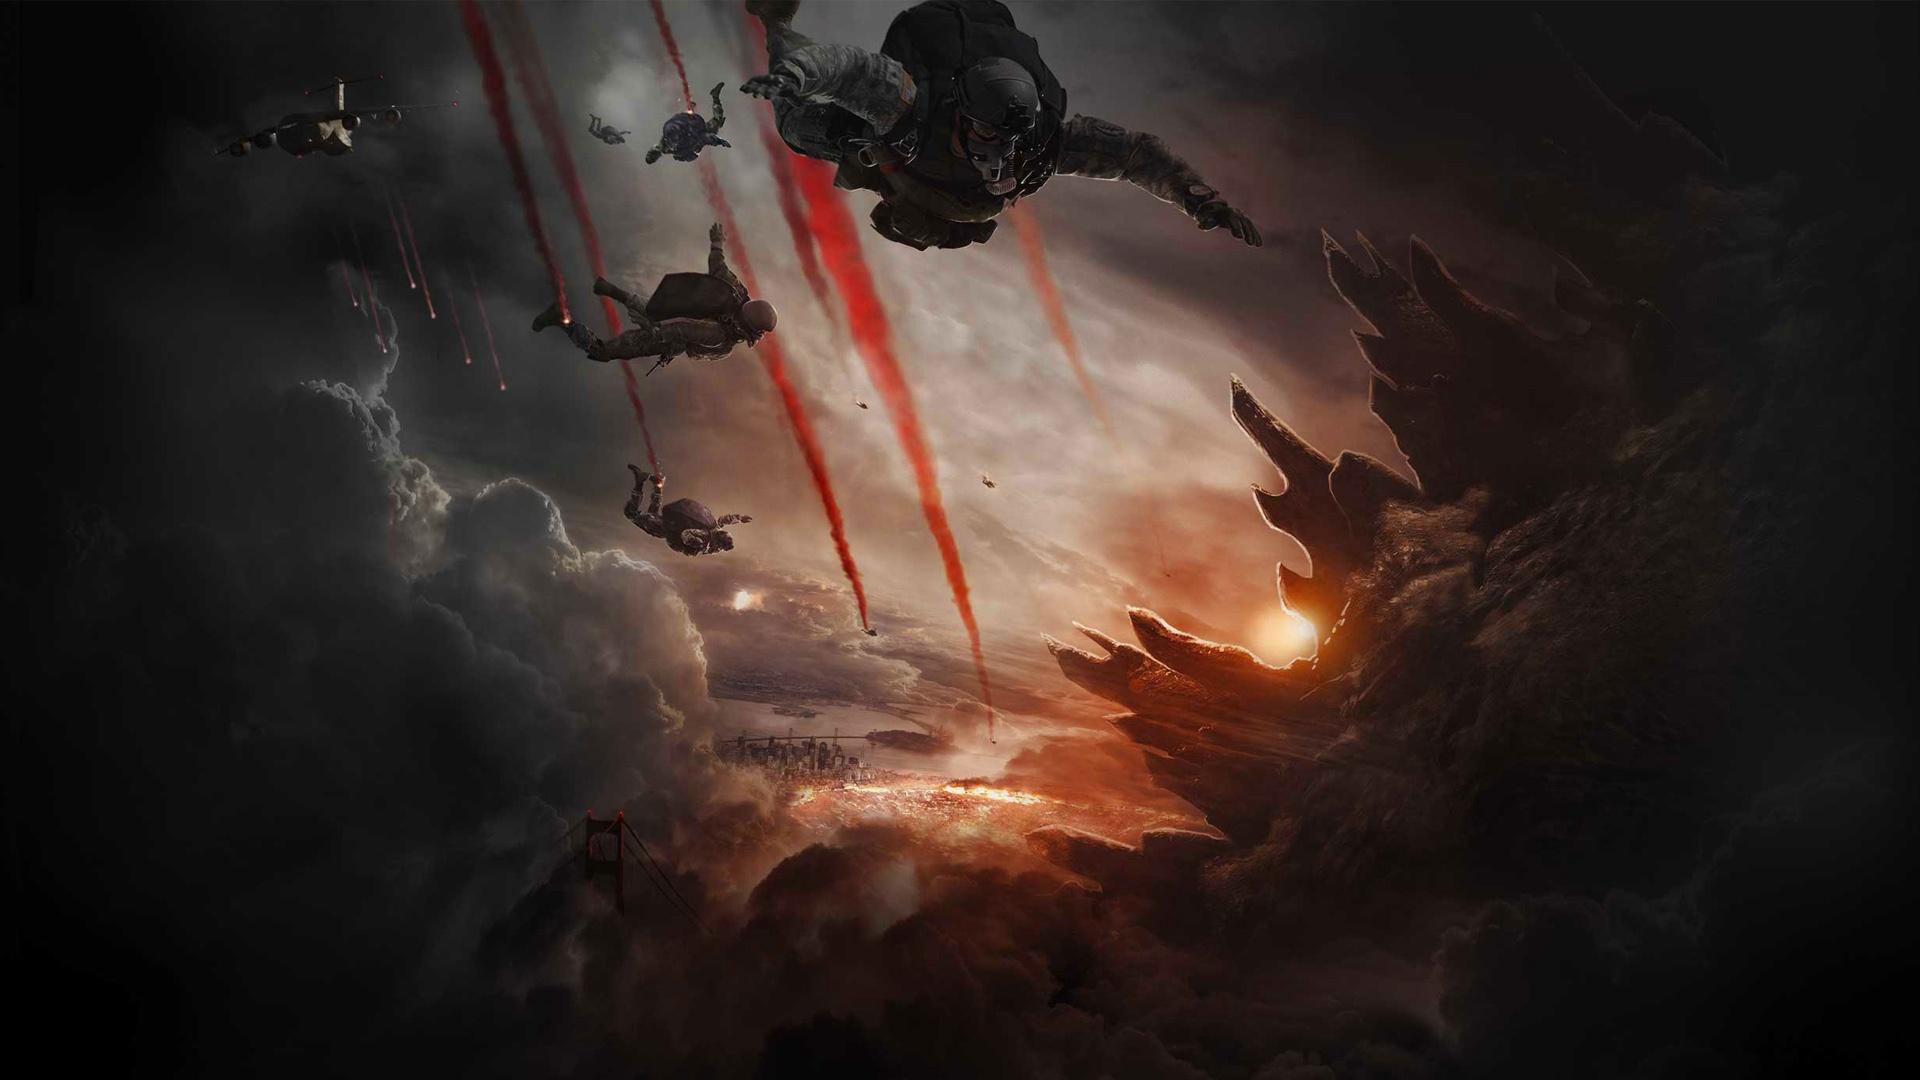 Godzilla 2014 wallpaper 3